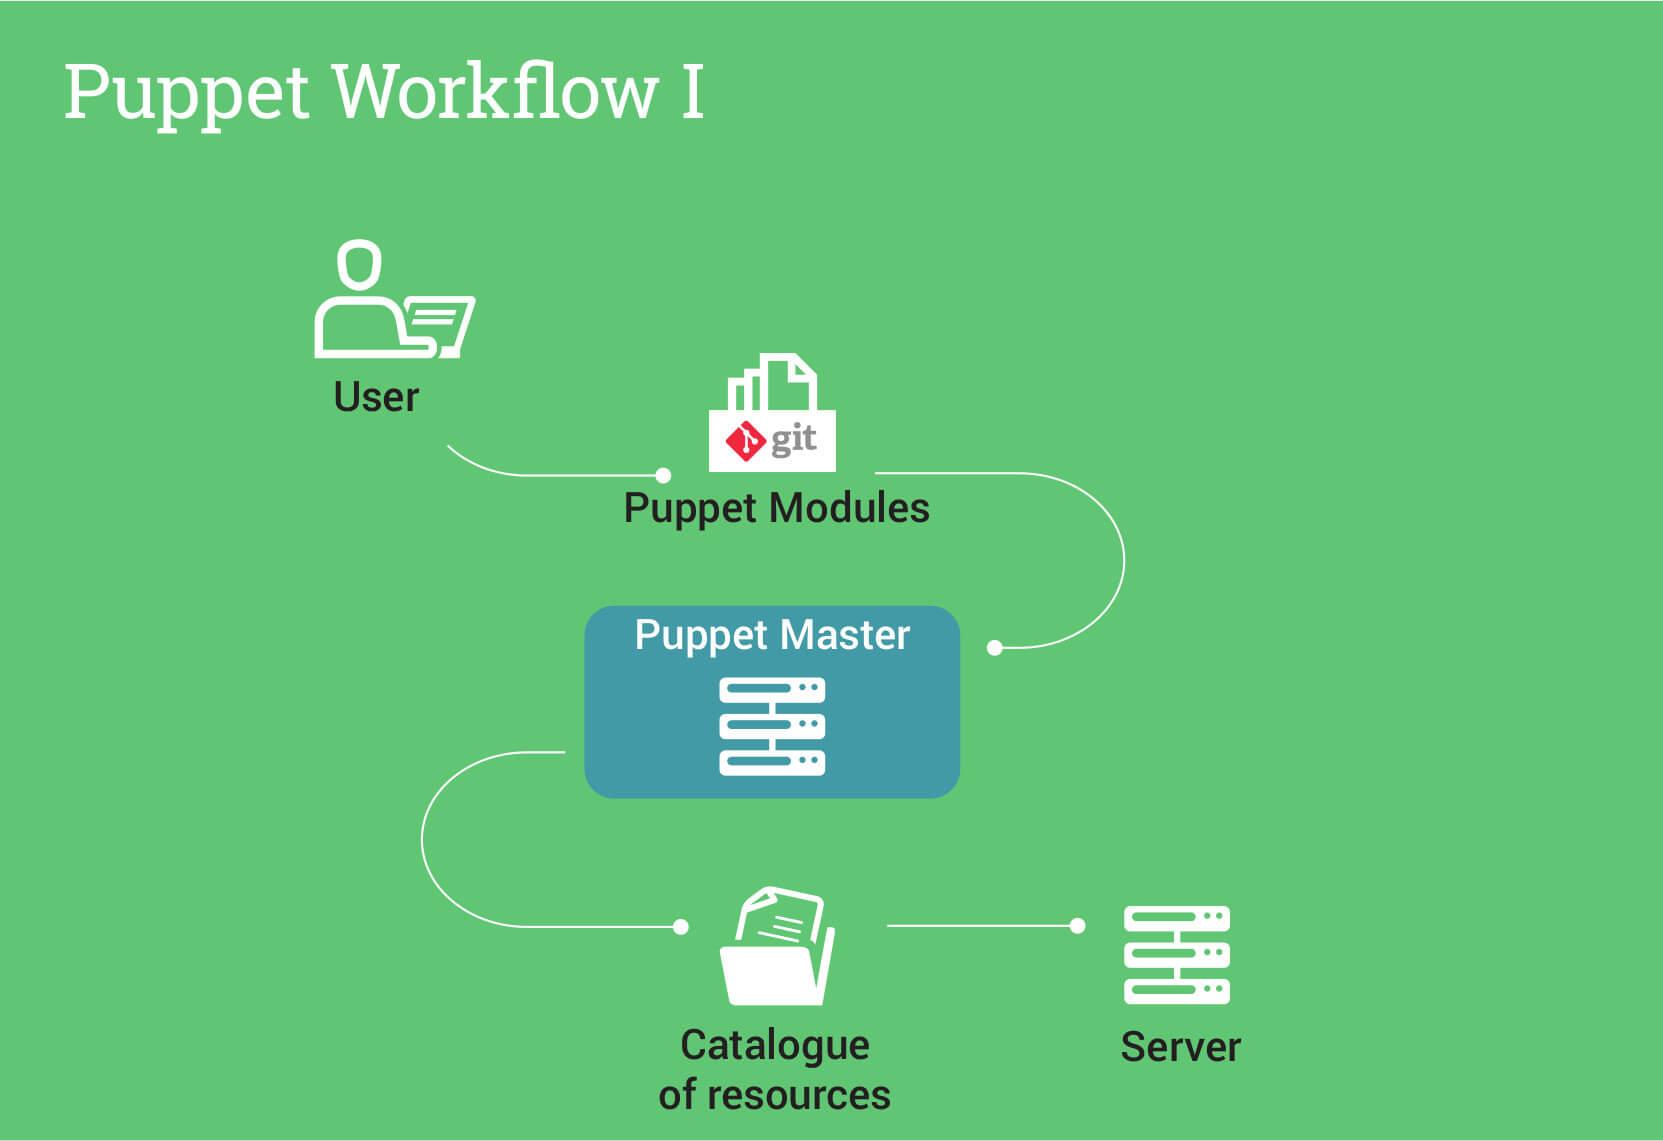 Puppet_Workflow_1